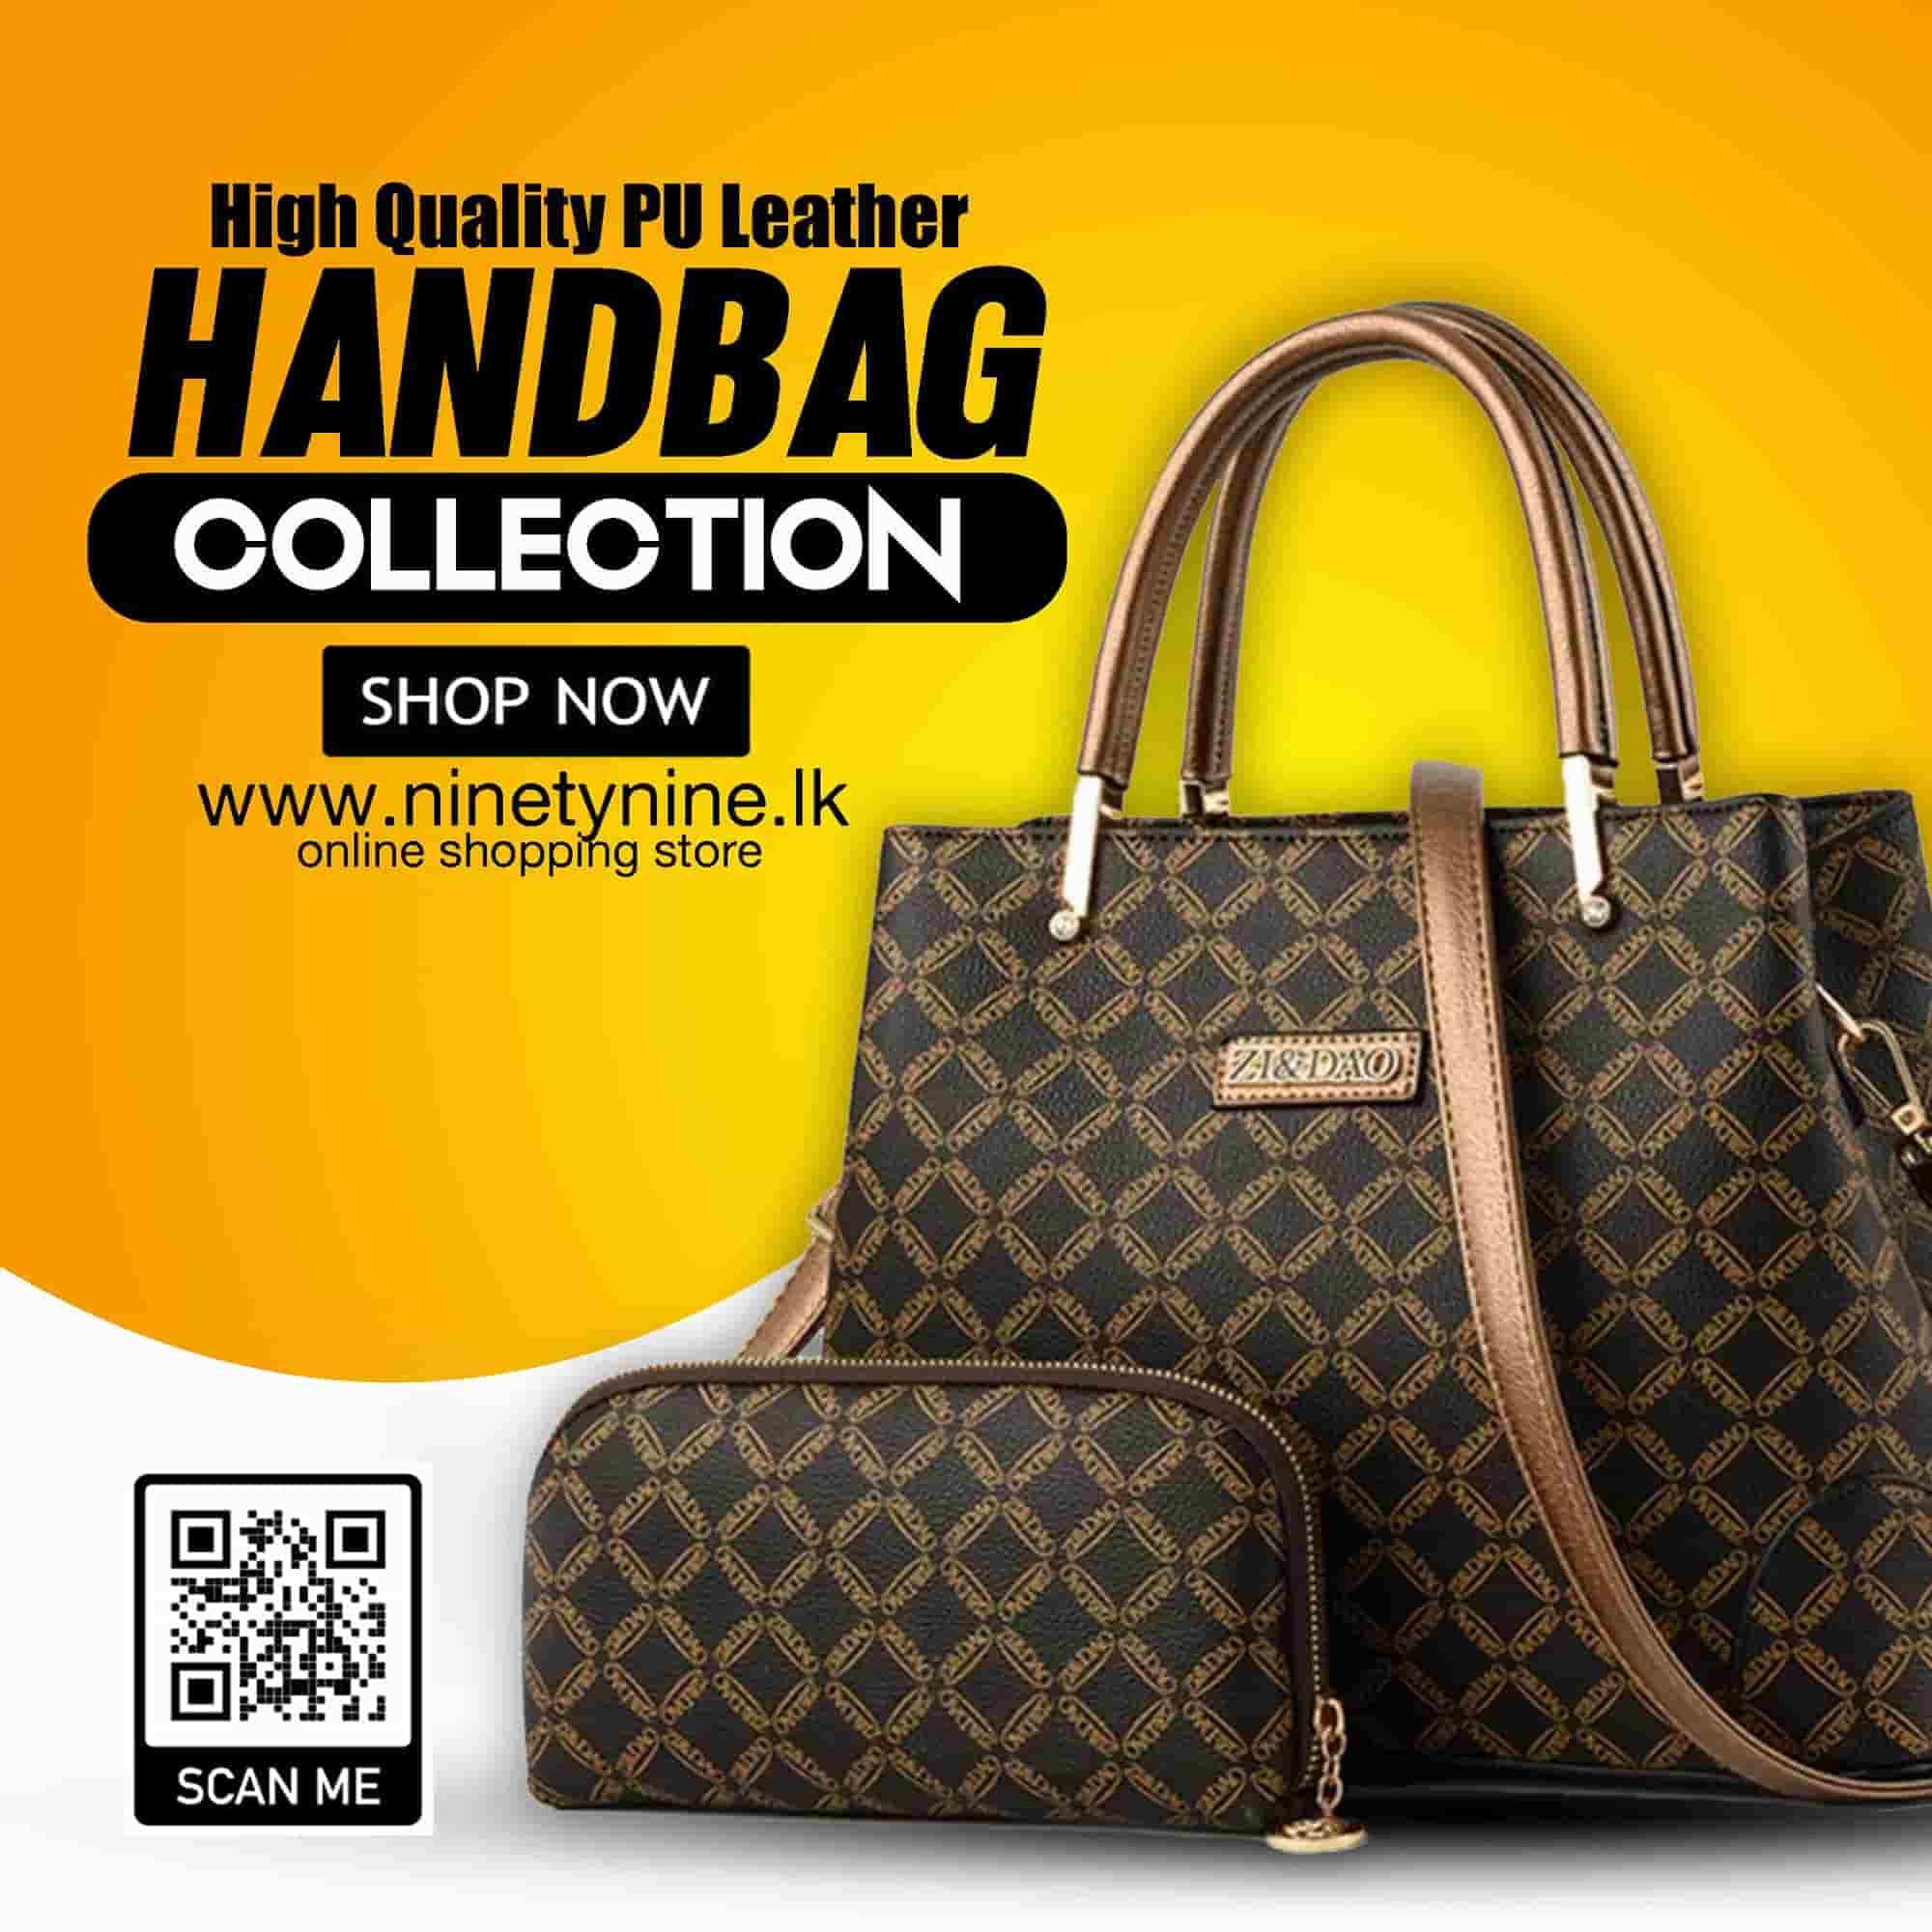 ladies handbag banner-min-min-min